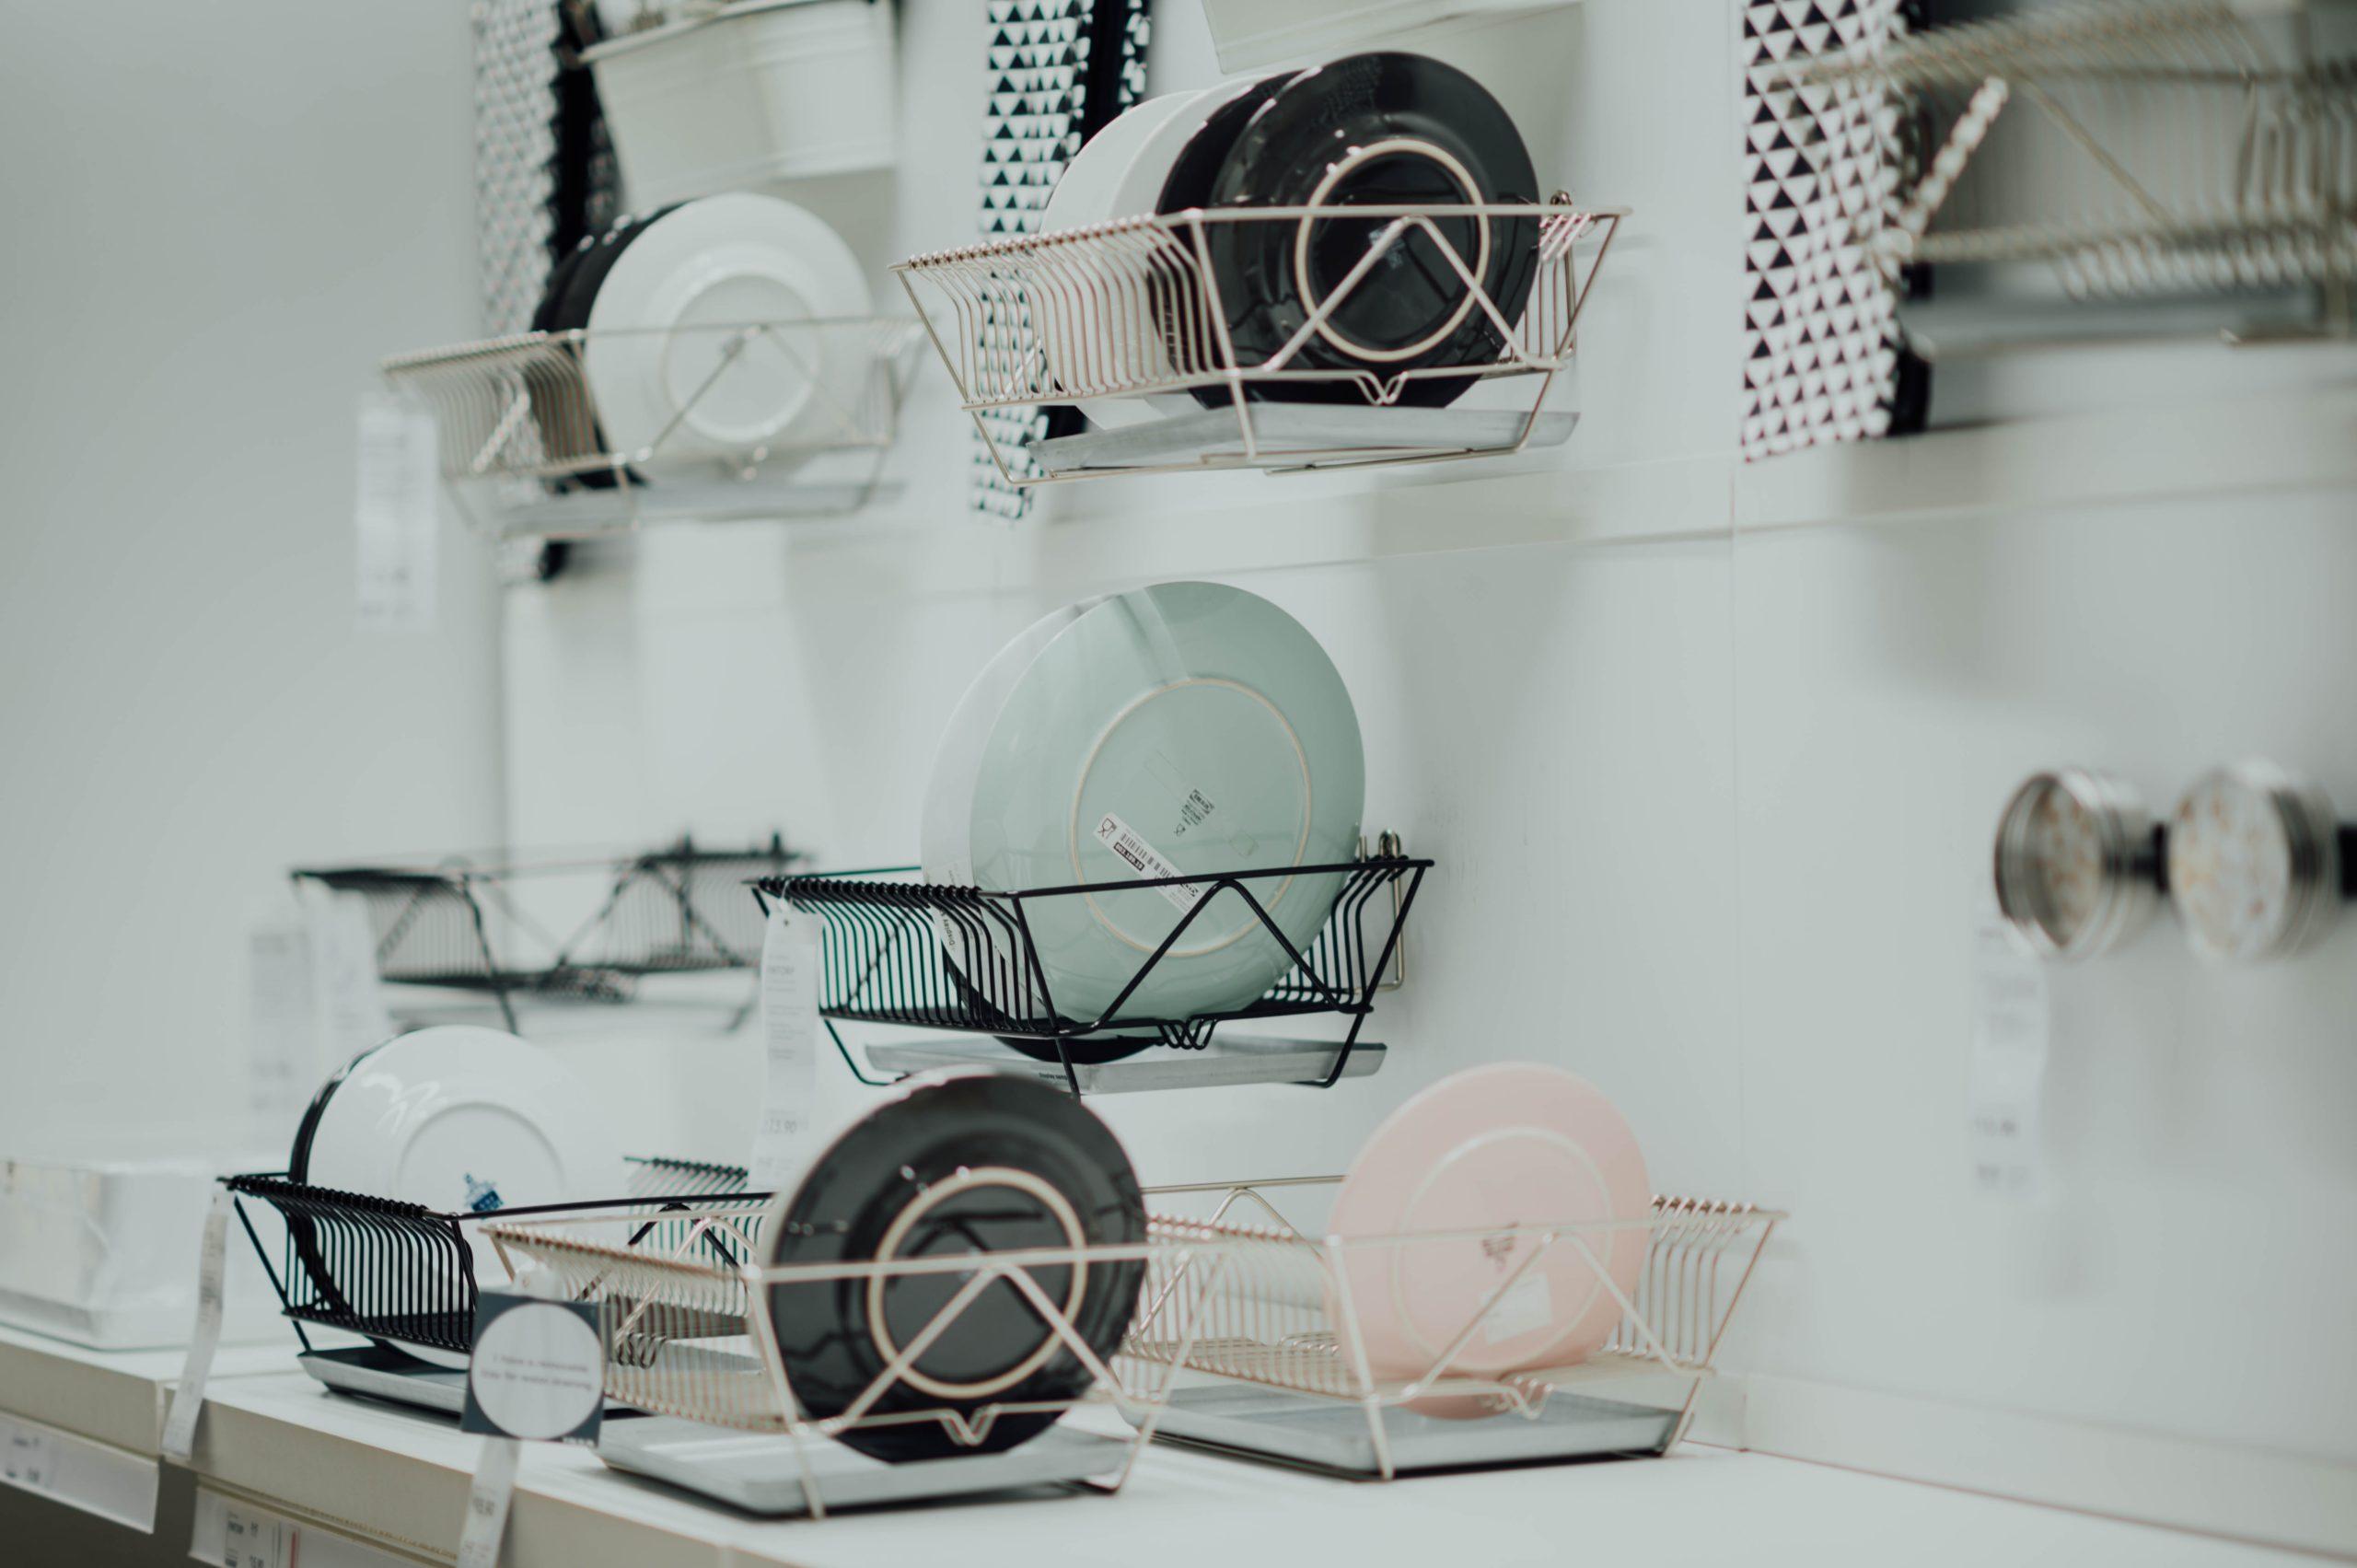 Dish Drying Racks